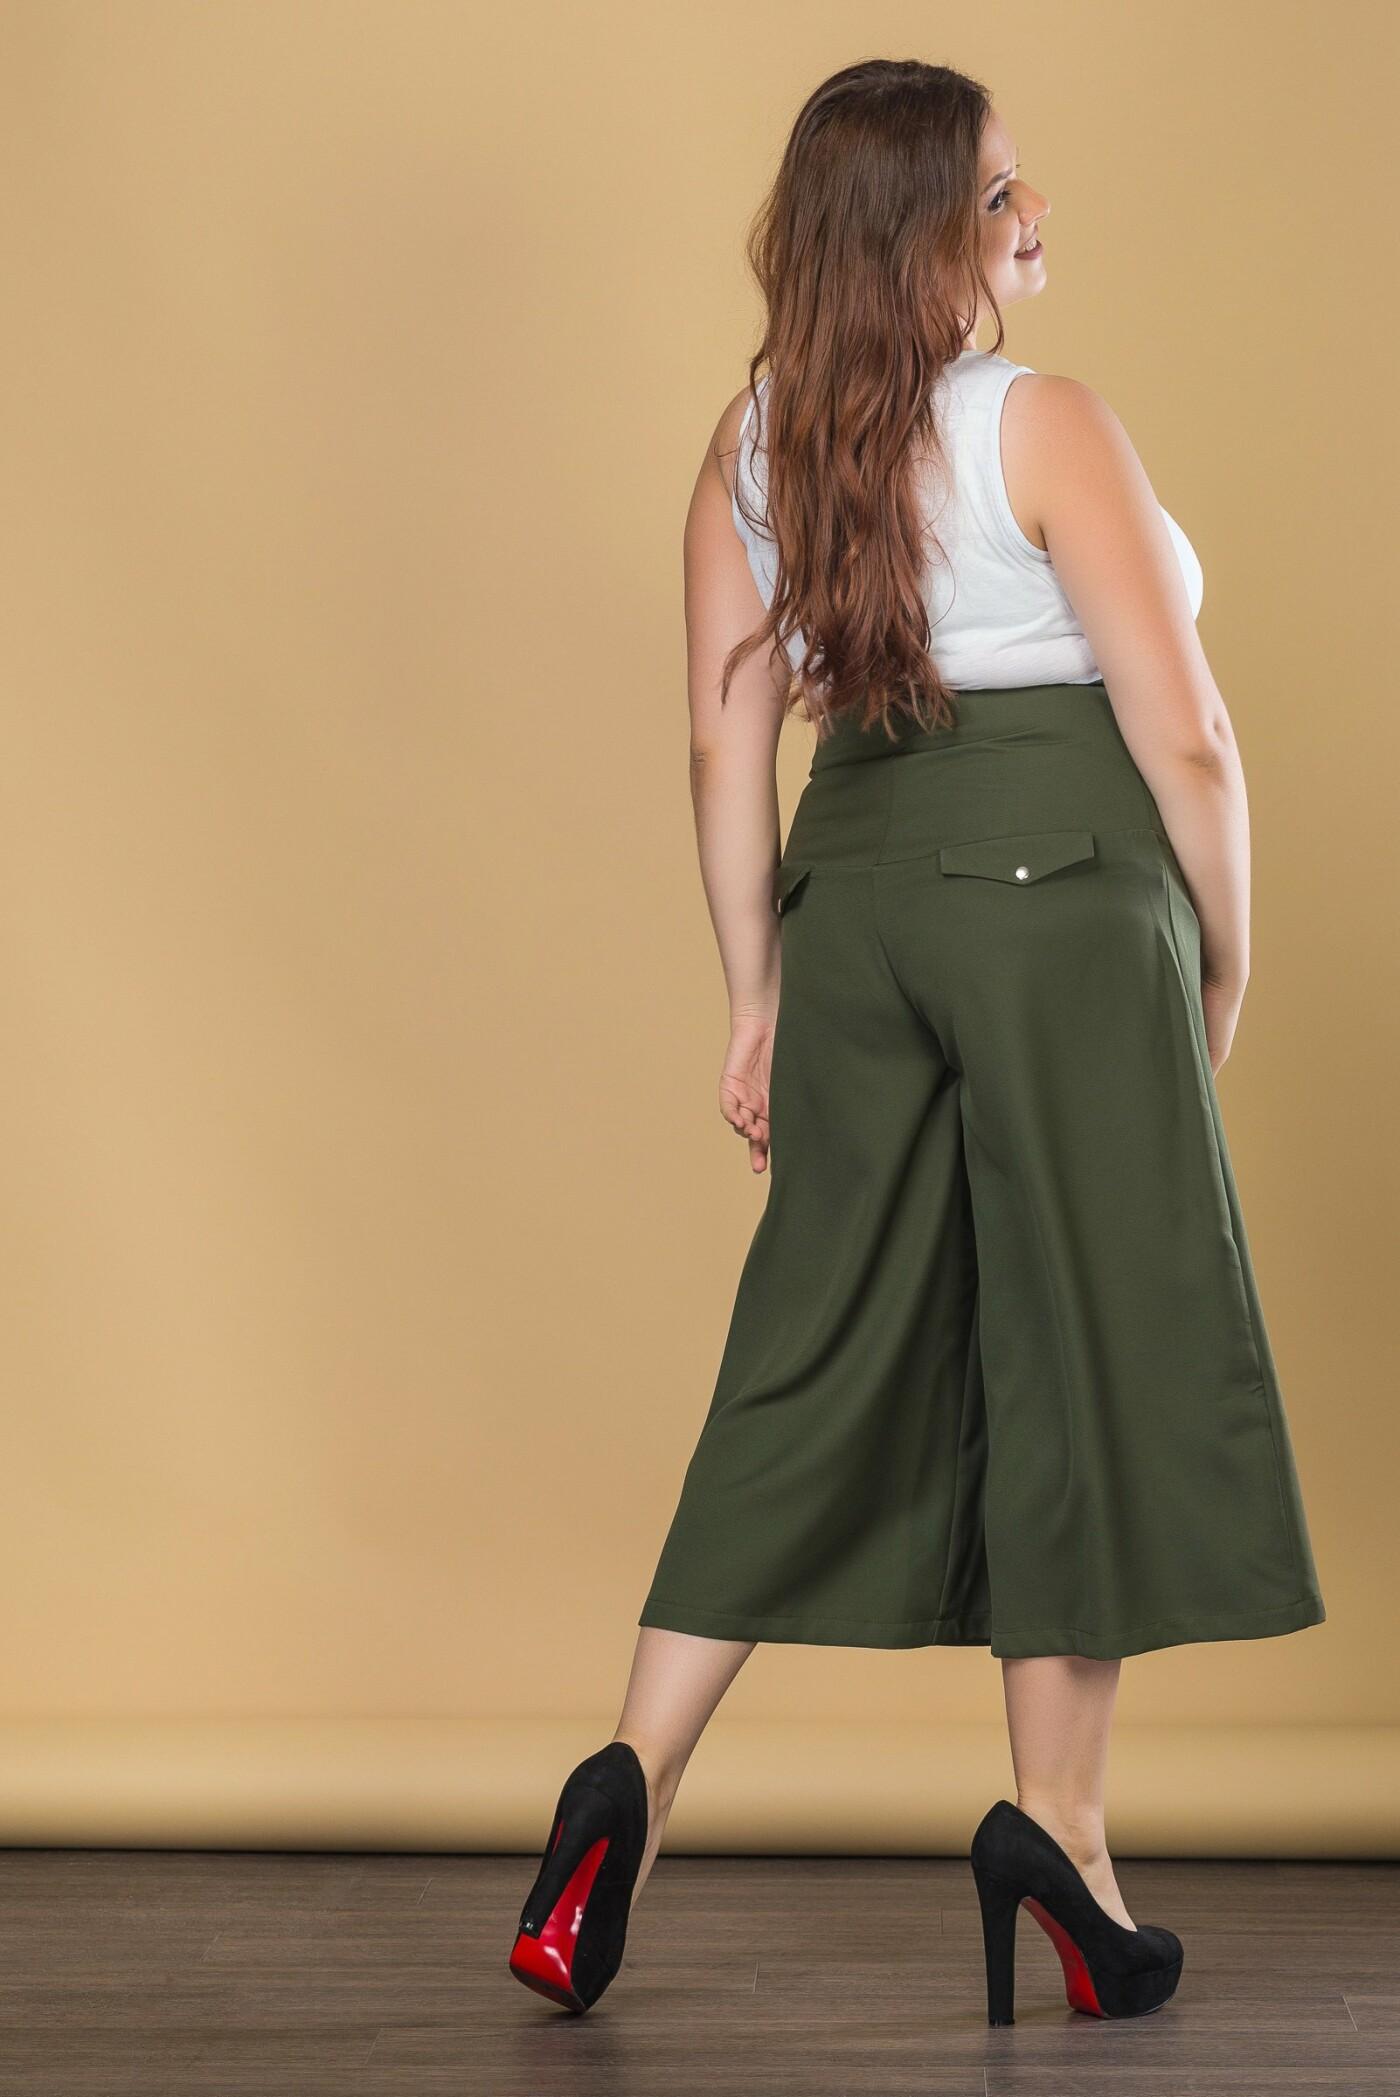 Реклама нижнего белья вместо комплексов из-за фигуры. Как харьковчанка стала моделью plus size, - ФОТО, фото-18